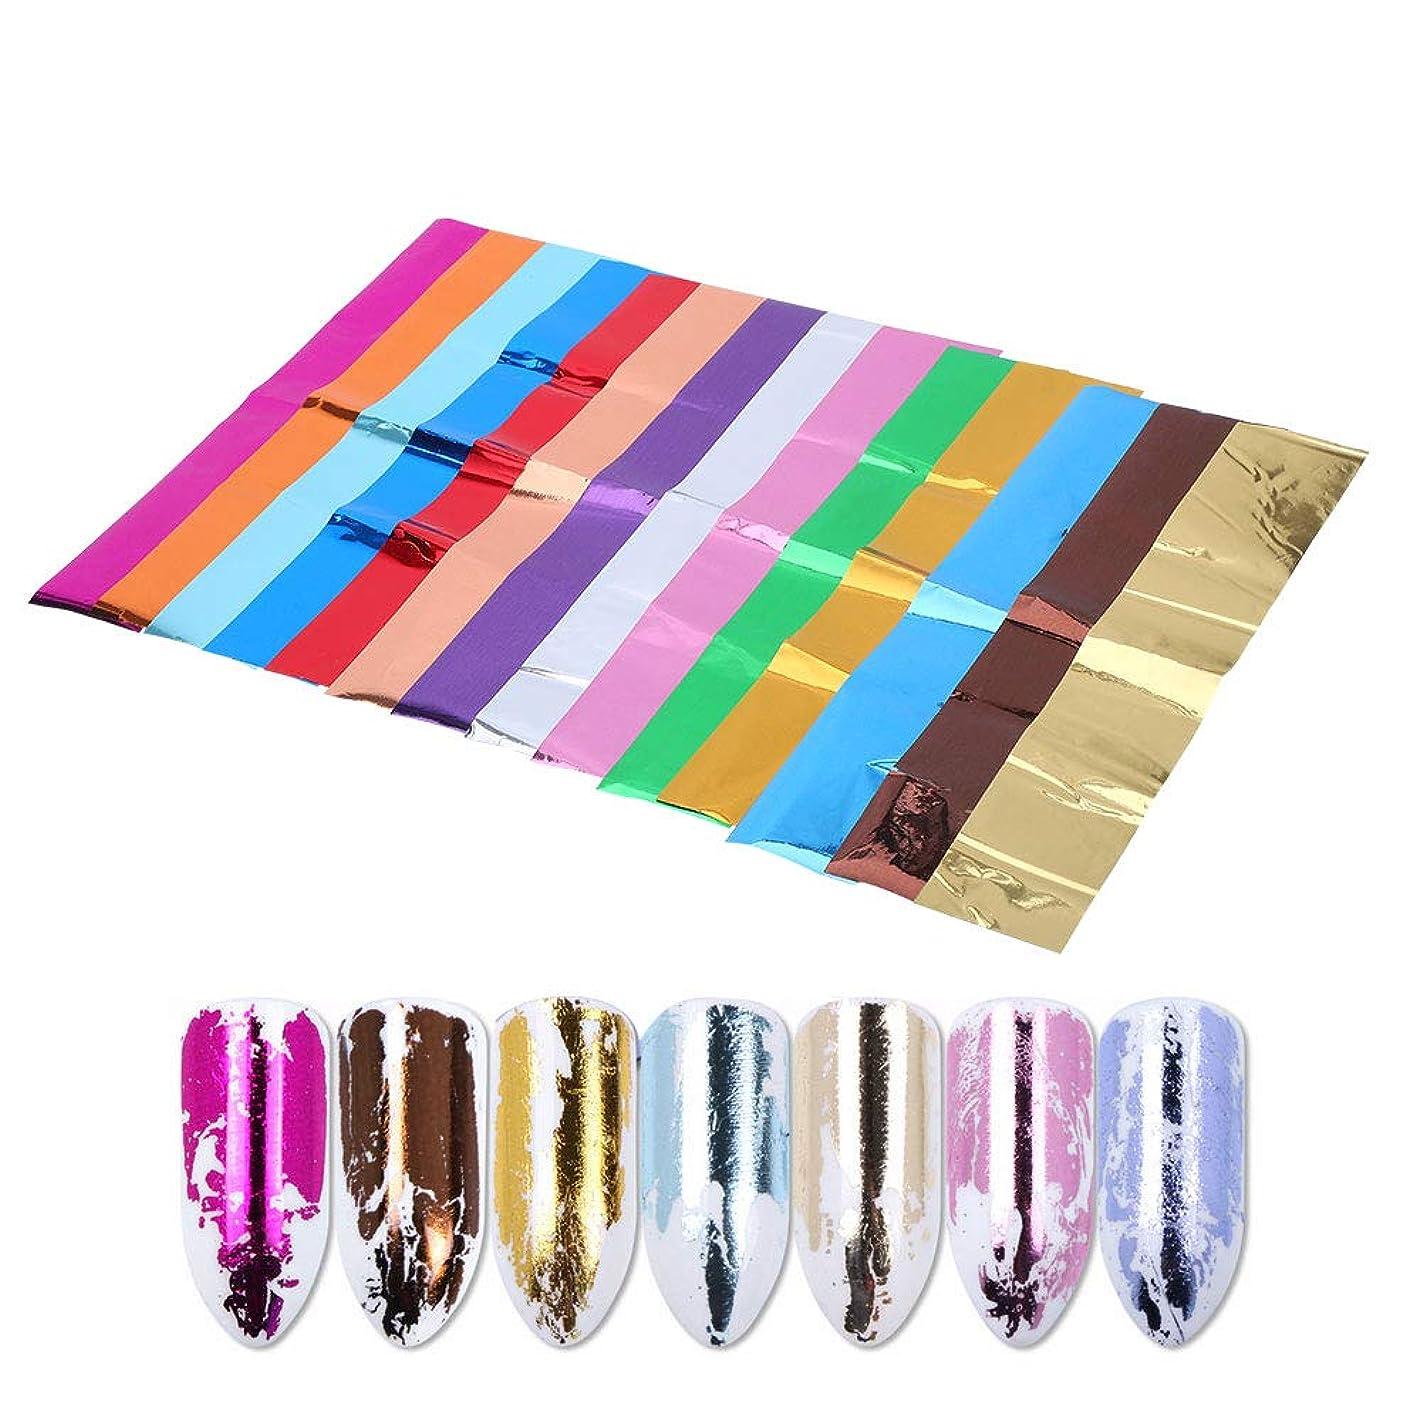 アルバニー小学生口述ソリッドカラーのネイルアップリケ、偽ネイル用の光沢のある装飾的なステッカーの14個/セット